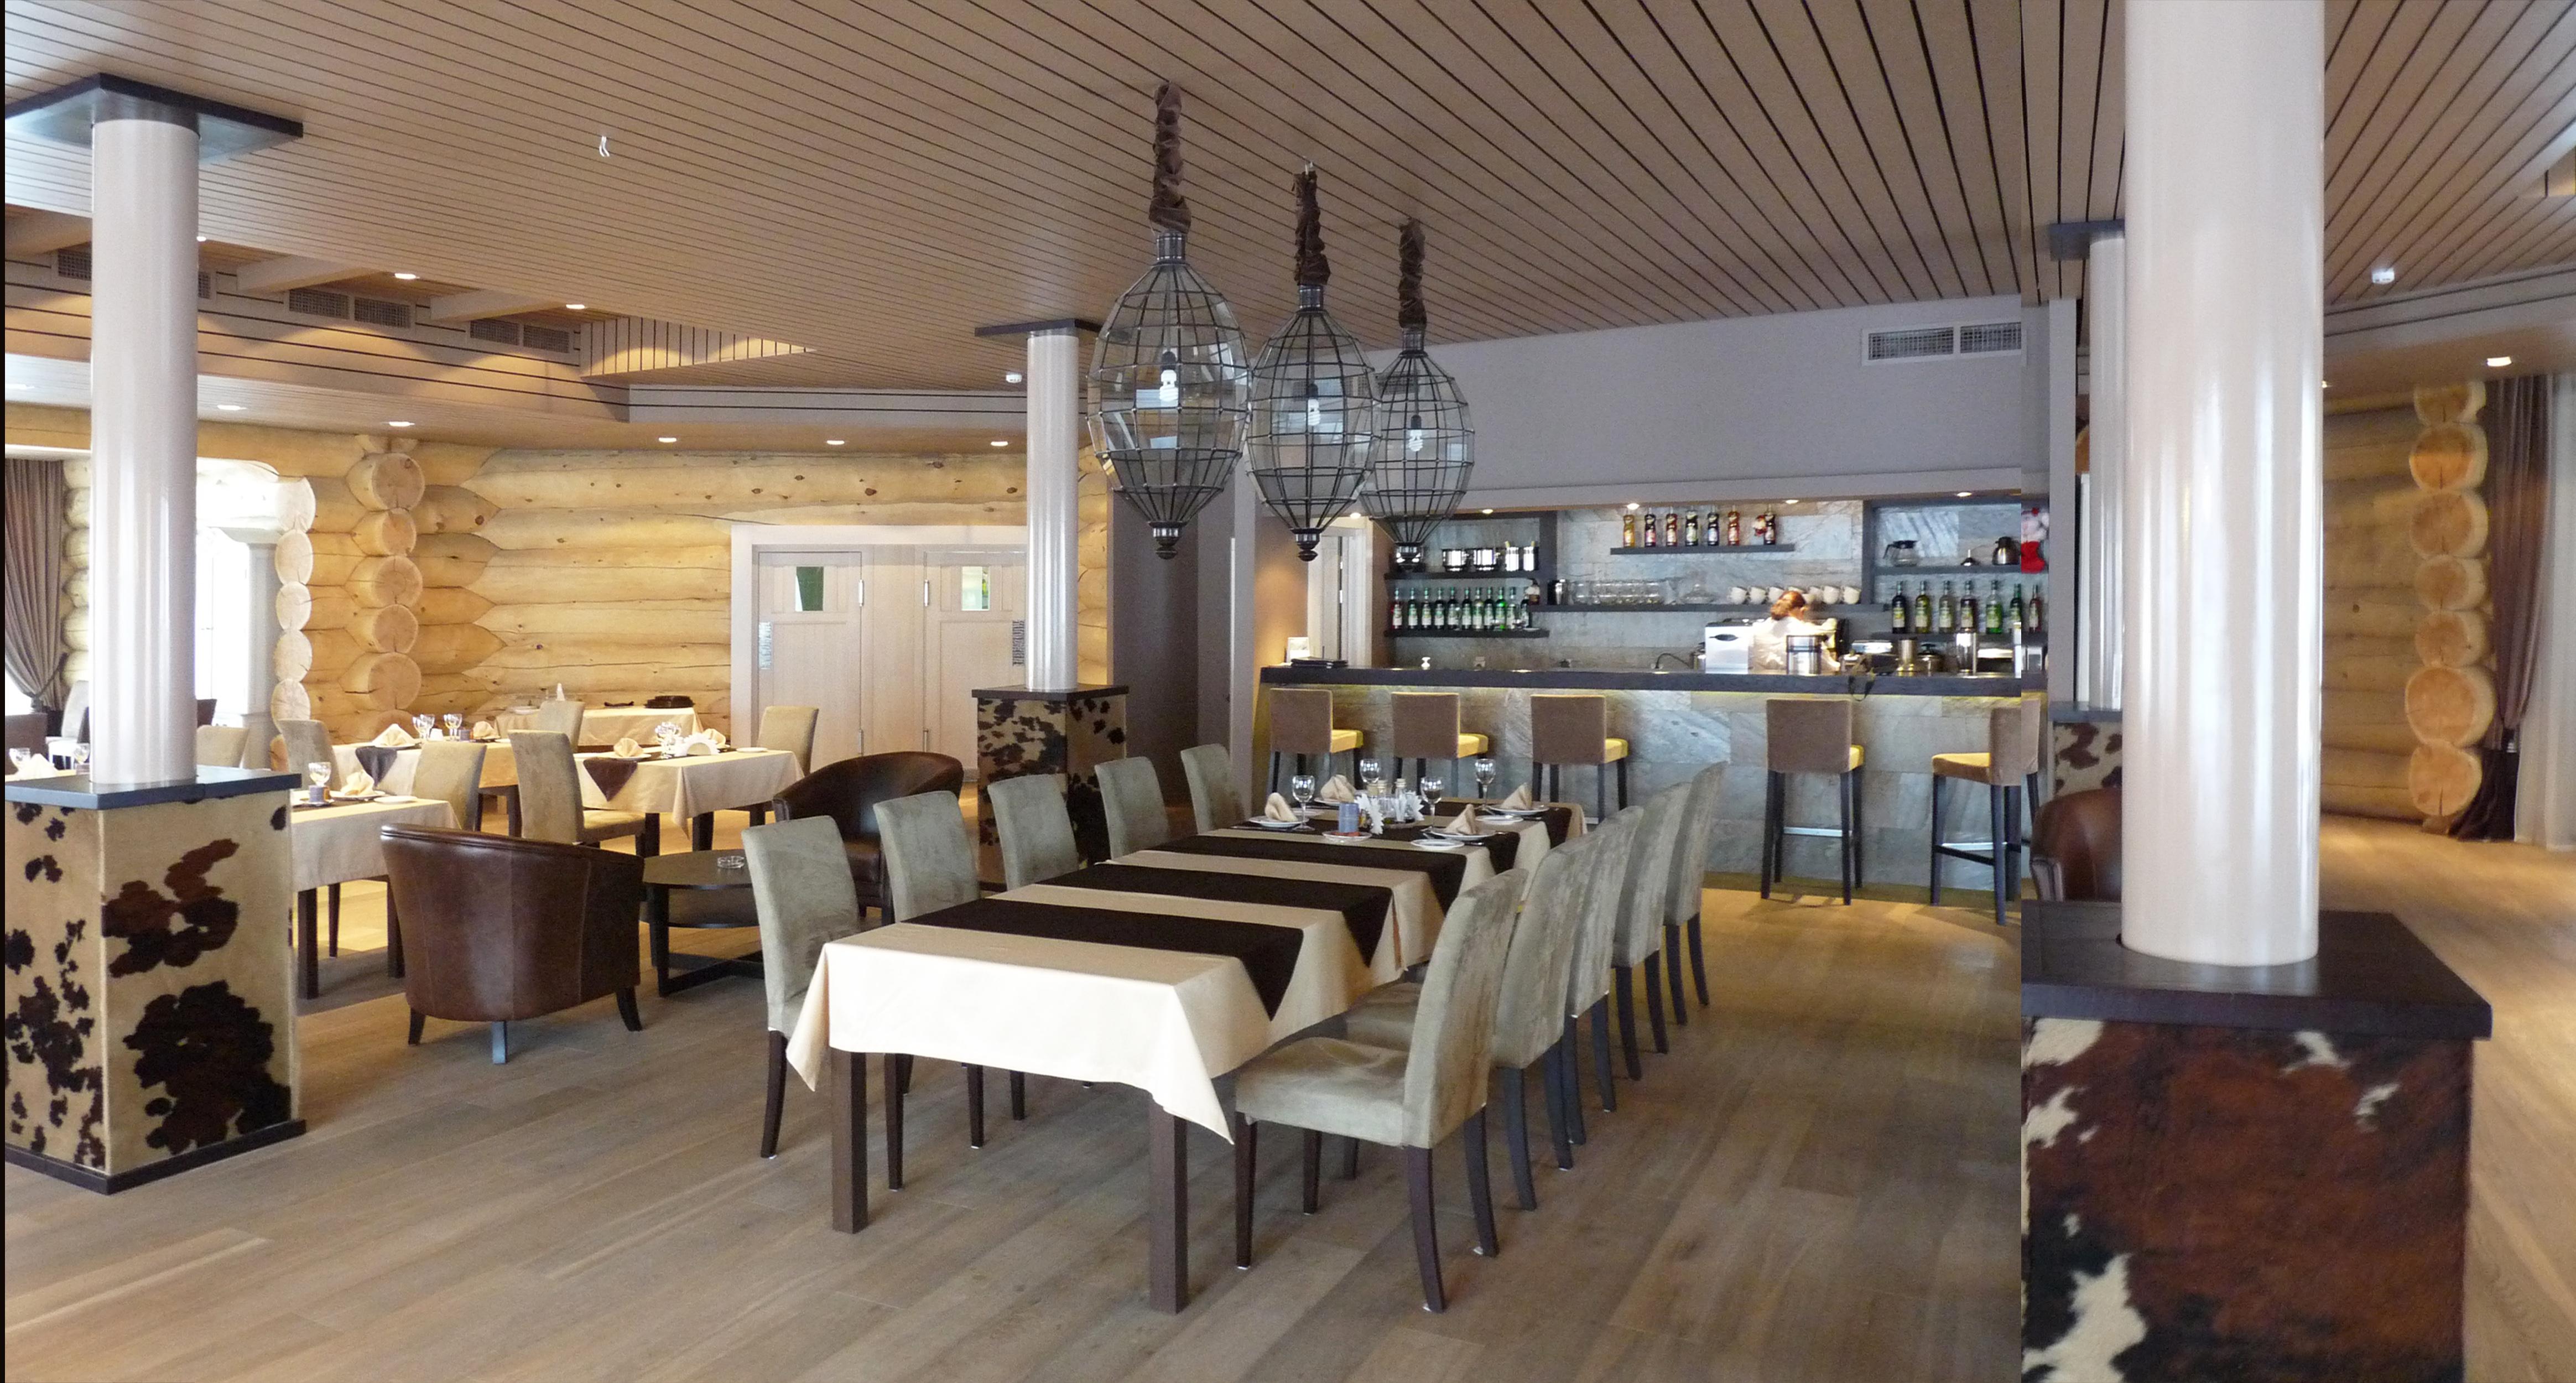 Ресторан Алтай зал-вид 1